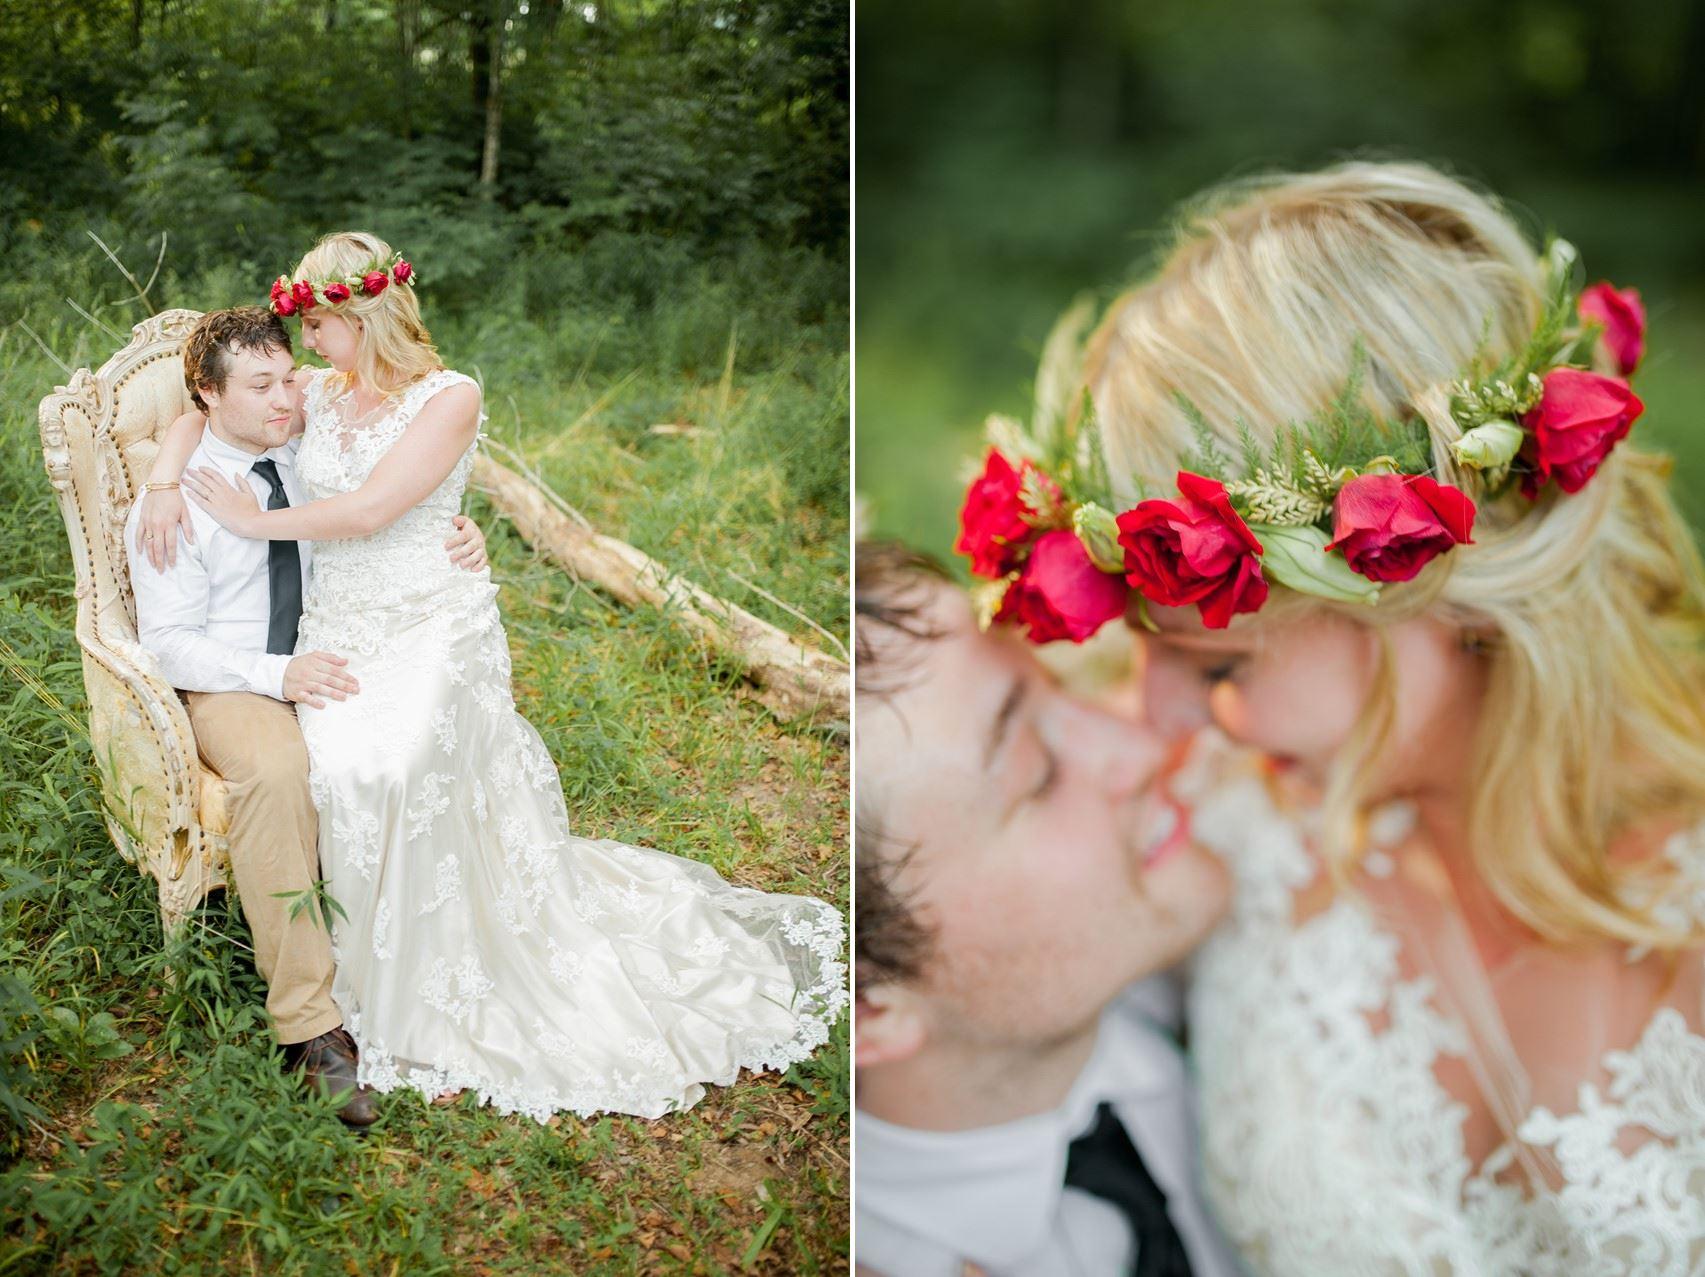 Bride & Groom - Boho Vintage Wedding Inspiration in Red, Green & Gold